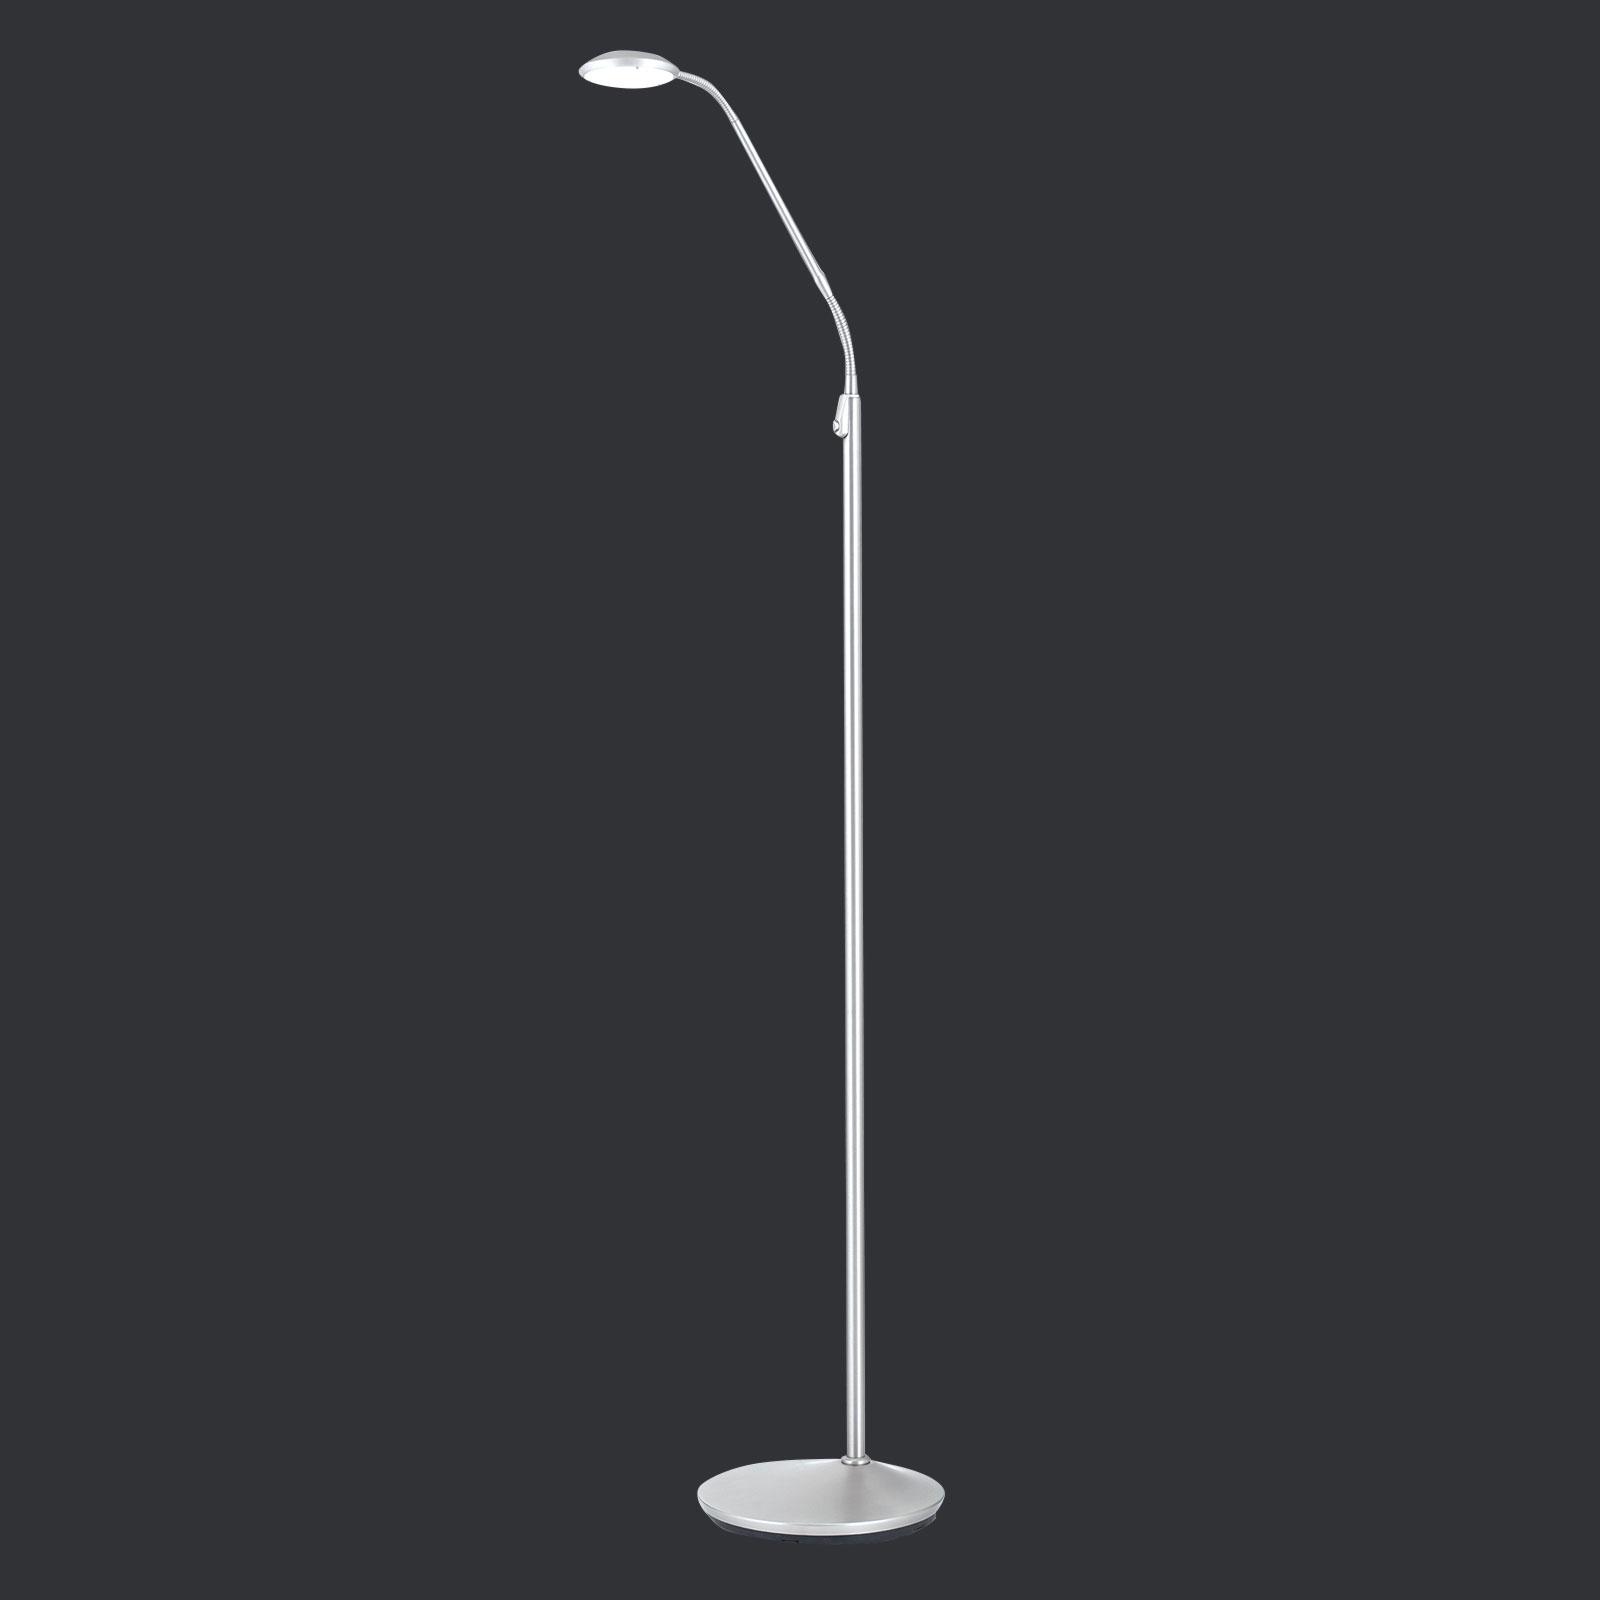 Cobra LED-gulvlampe 1 lyskilde, nikkelfarvet